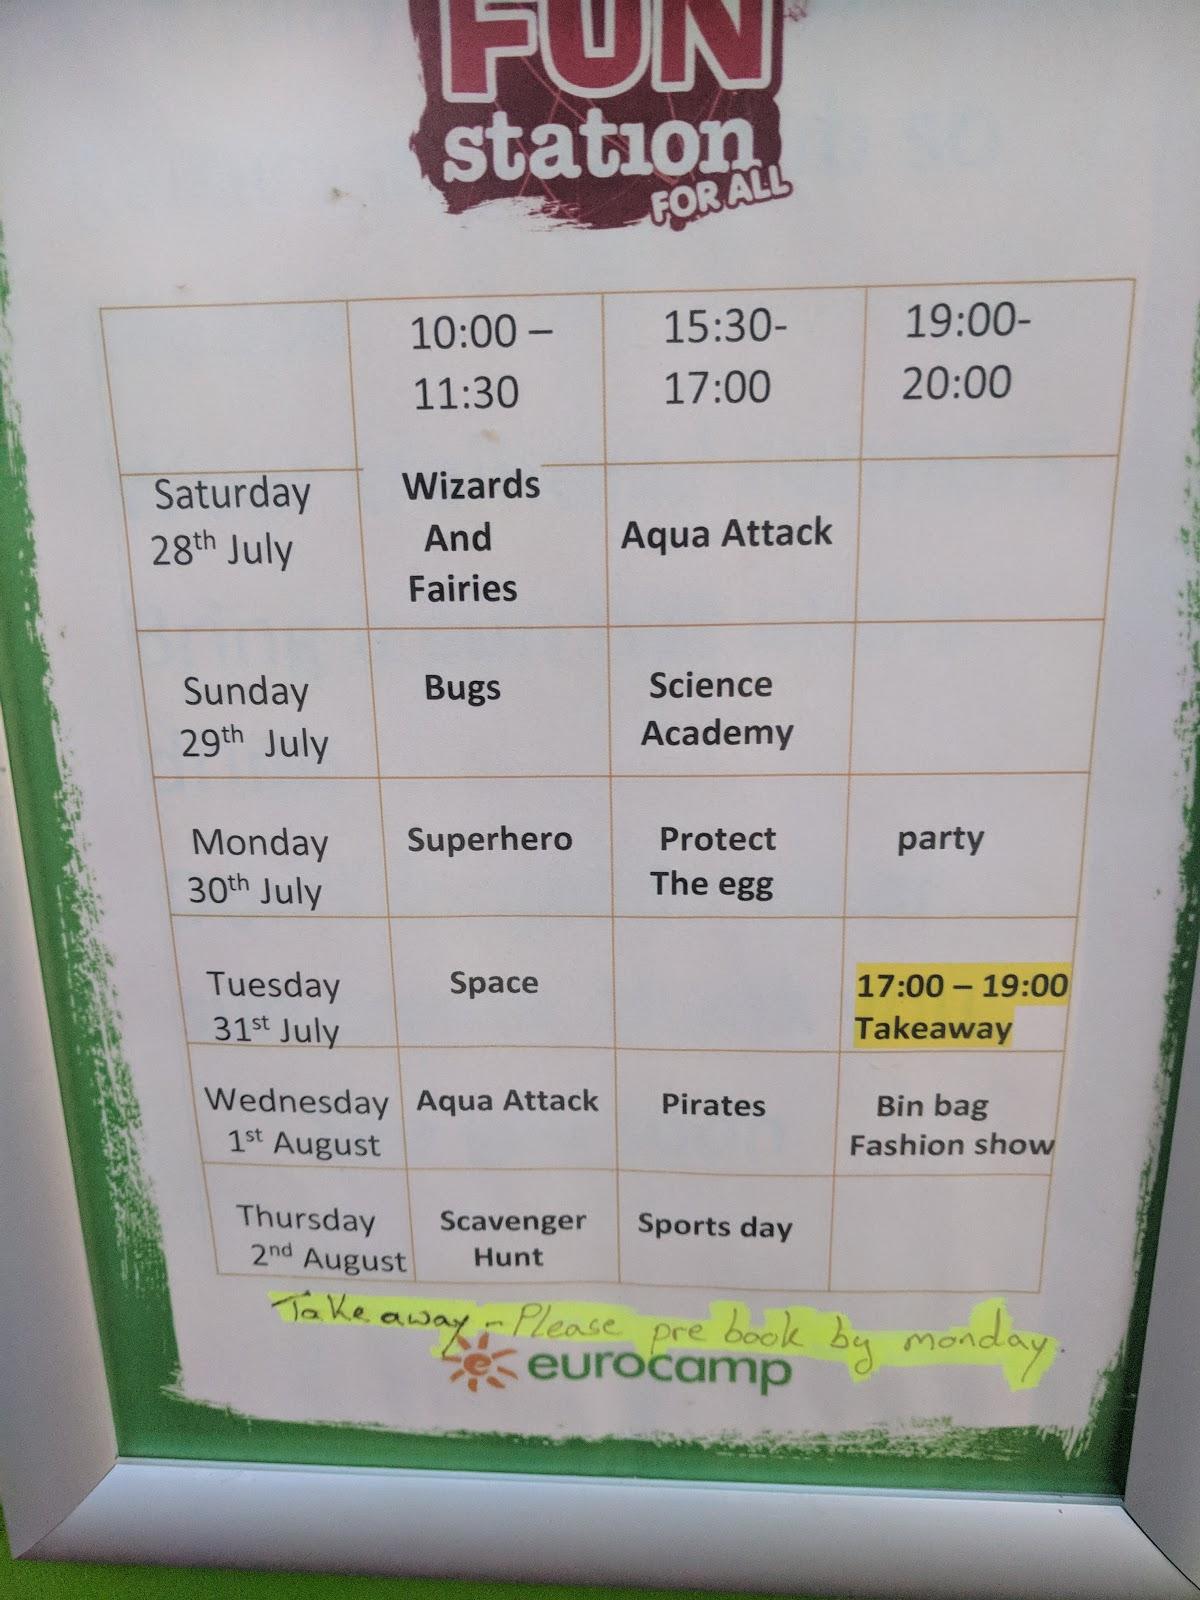 Les Ecureuils Campsite, Vendee - A Eurocamp Site near Puy du Fou (Full Review) - kids club activity schedule